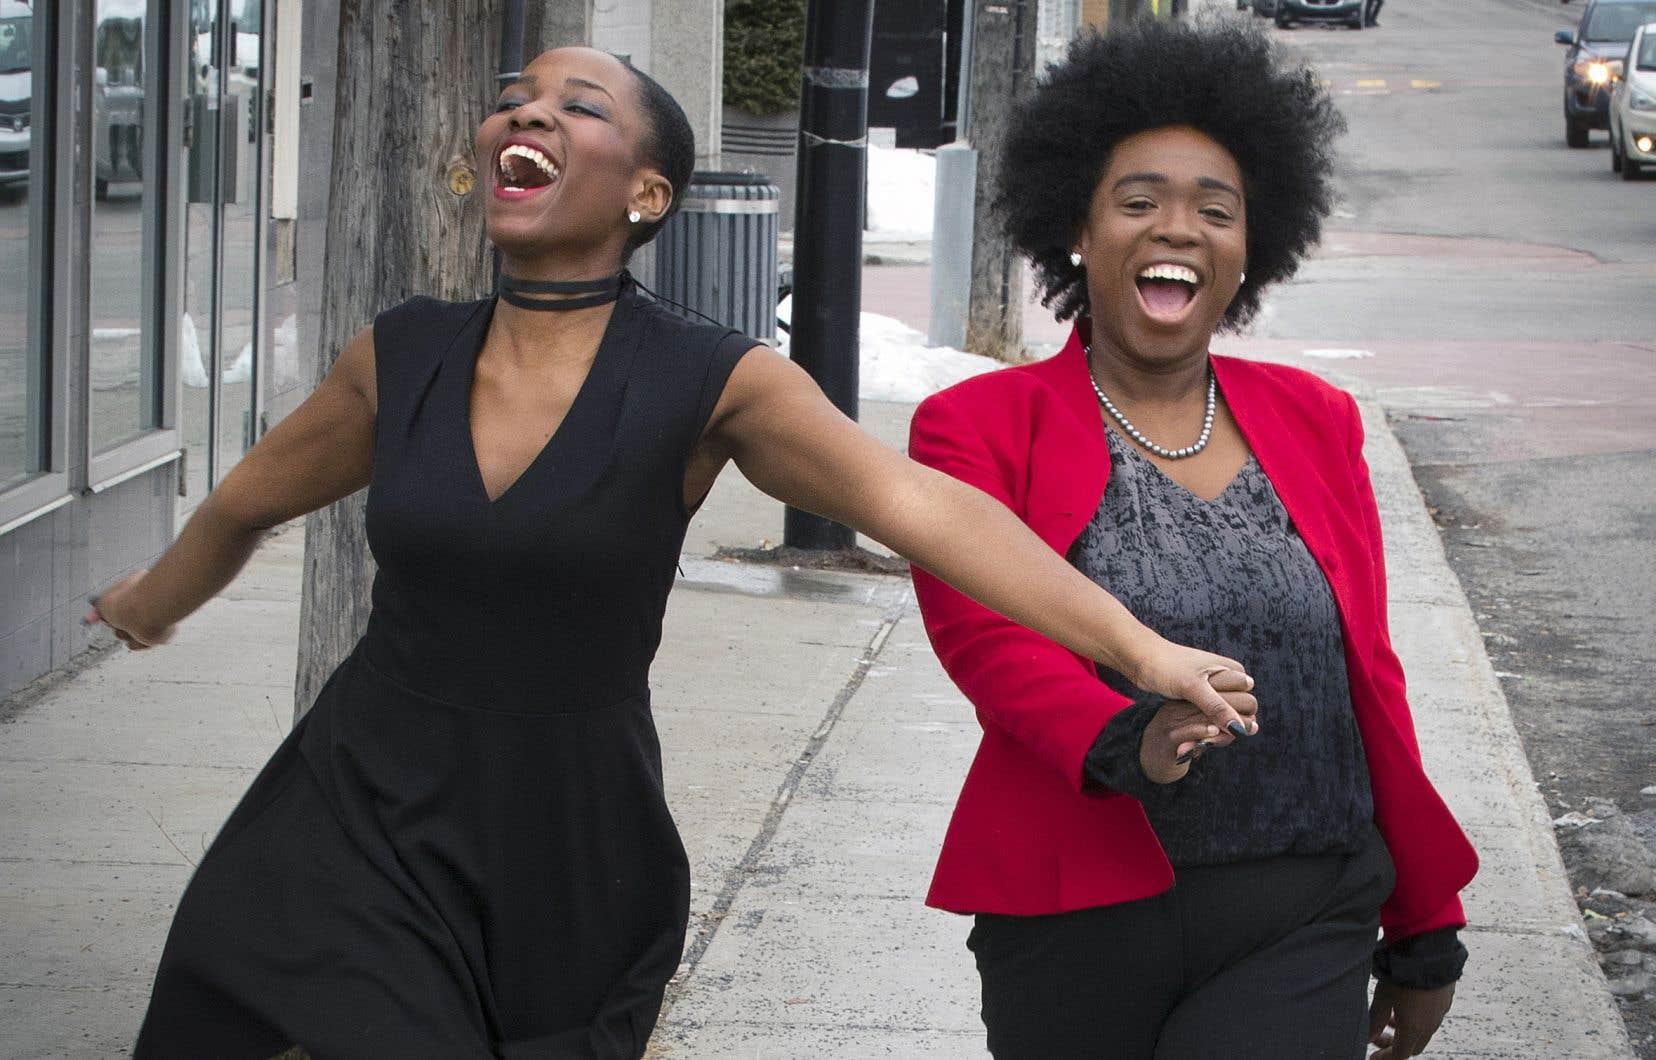 La mannequin Kara Antoine (à gauche) et Anastasia Marcelin, fondatrice d'une entreprise qui encourage la femme noire à s'affranchir des diktats de la société, travaillent ensemble sur un défilé de mode atypique.